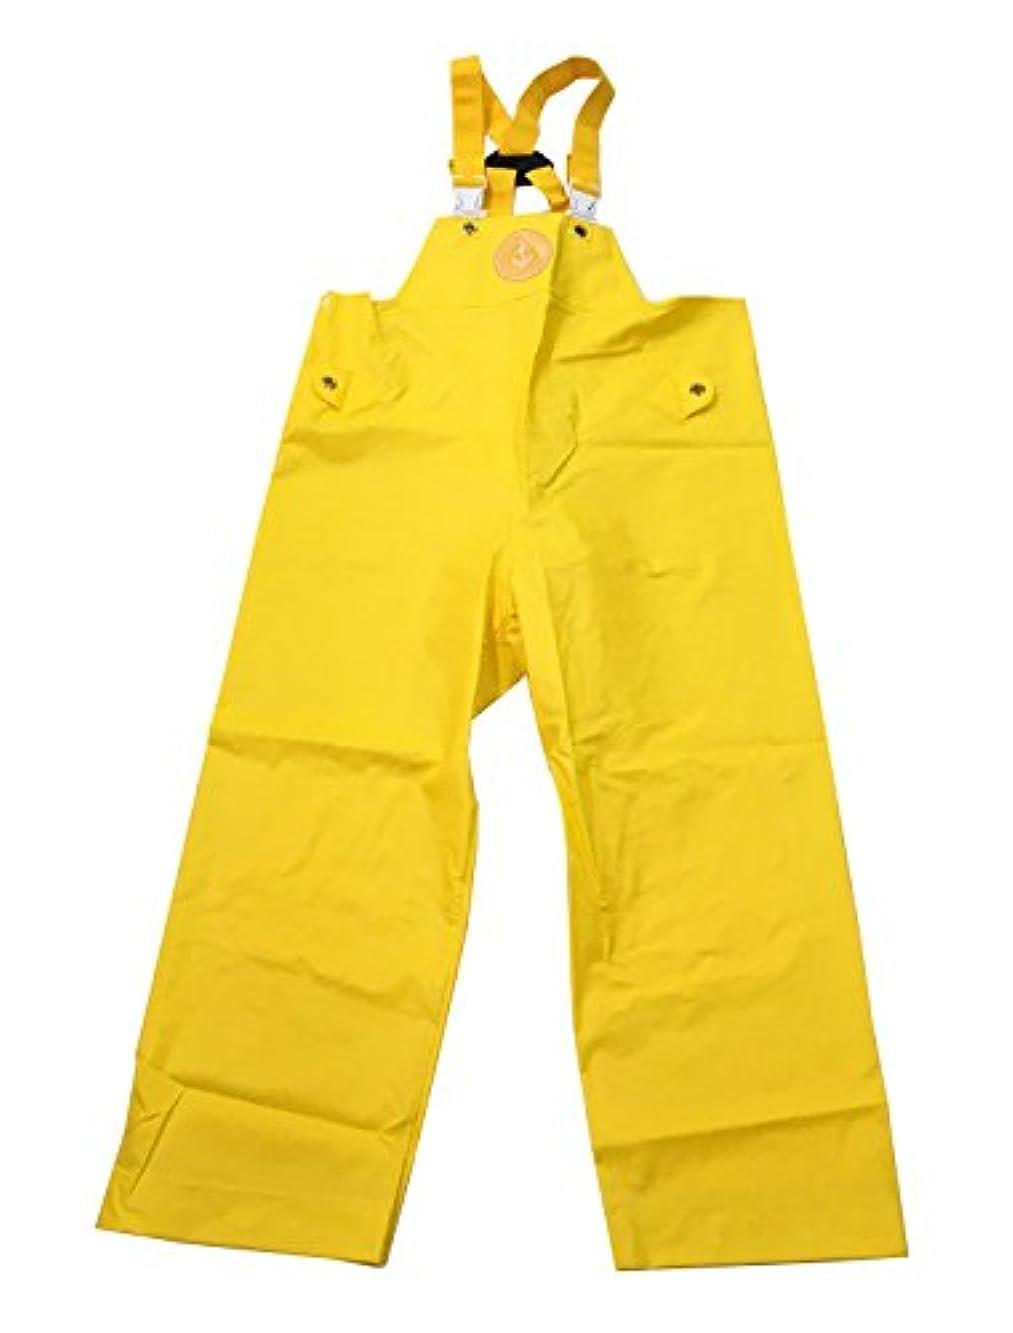 スキャン補助オッズKURAHUTERU(クラフテル) イカリ印 フィッシャーマン レインウエアー 胸付ズボン 6L イエロー 11EA153